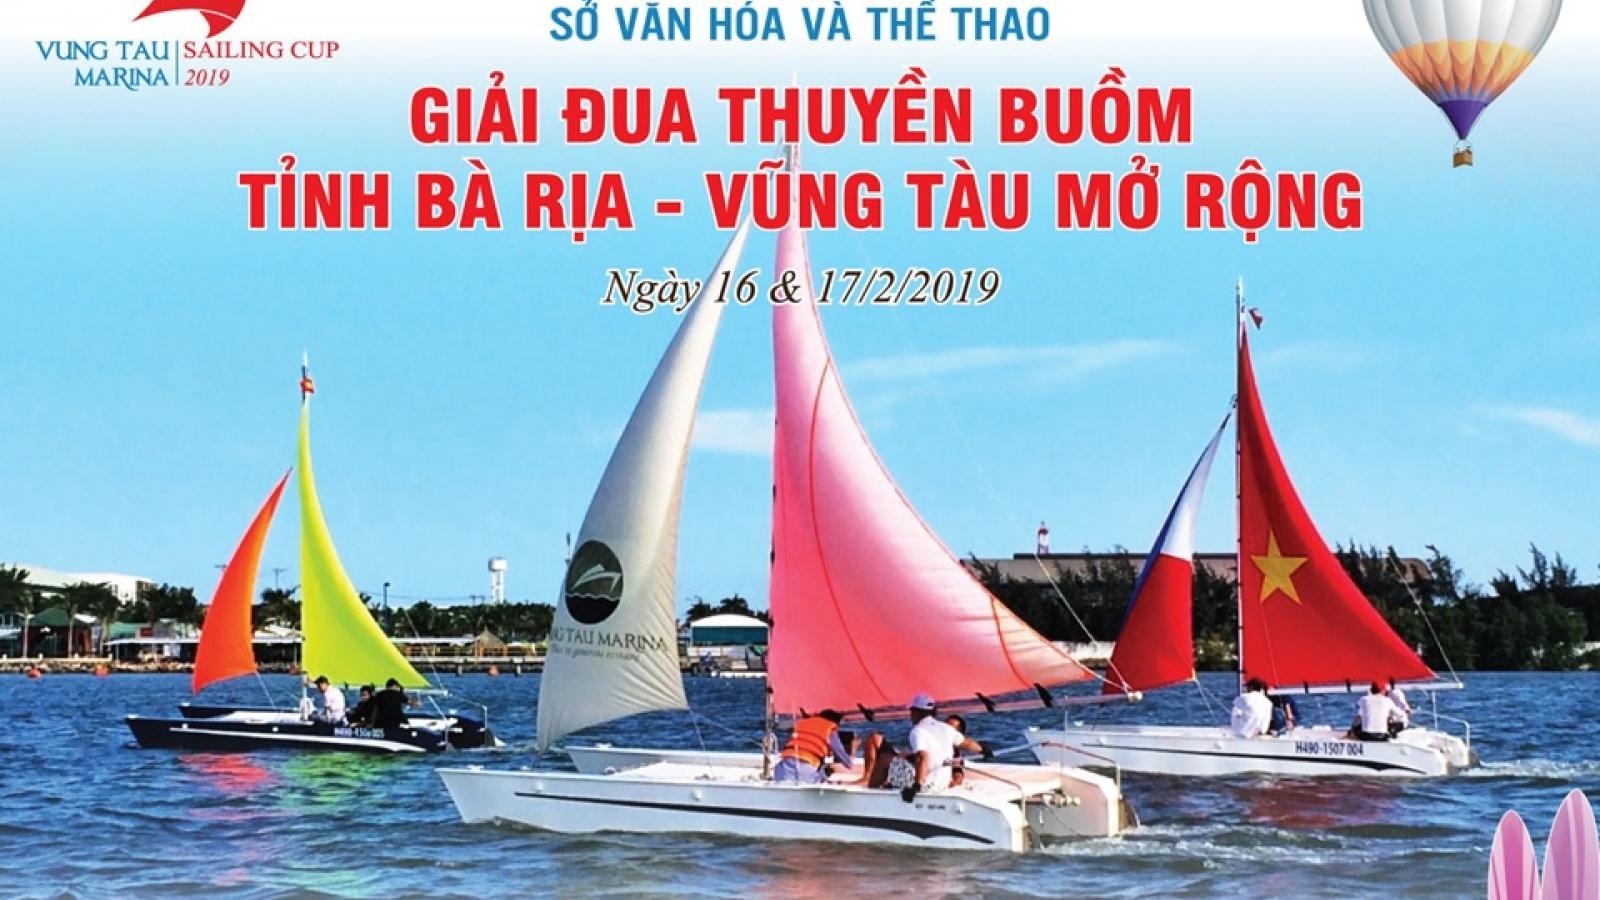 Sẽ đưa giải đua thuyền buồm Bà Rịa - Vũng Tàu về Đà Nẵng